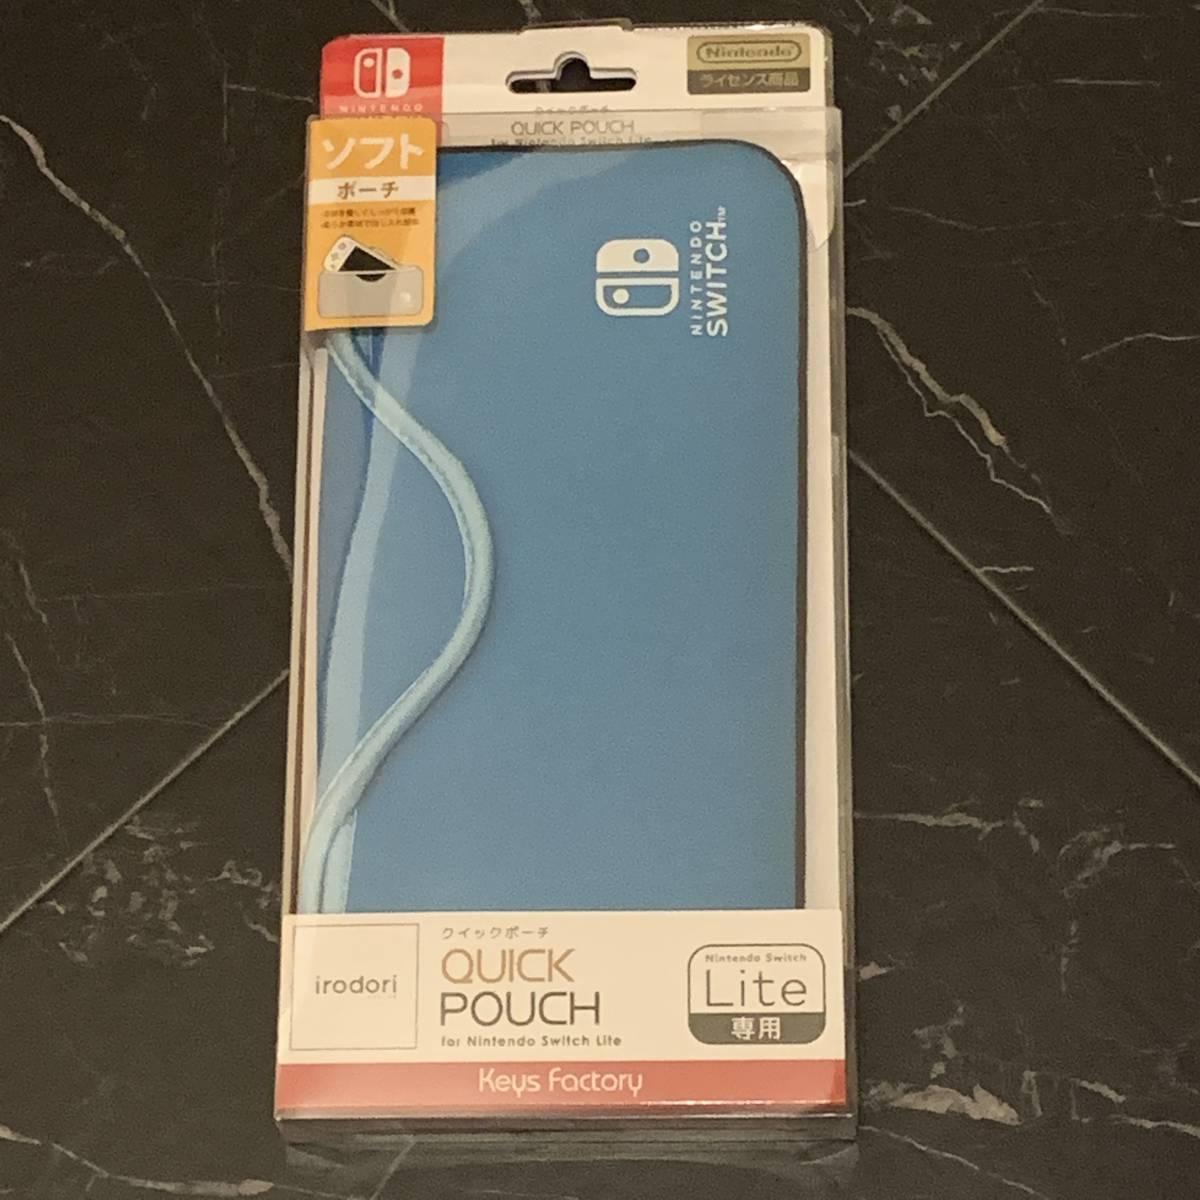 新品未開封・送料無料■任天堂ライセンス商品■QUICK POUCH for Nintendo Switch Lite セルリアンブルー ニンテンドースイッチライトポーチ_画像1